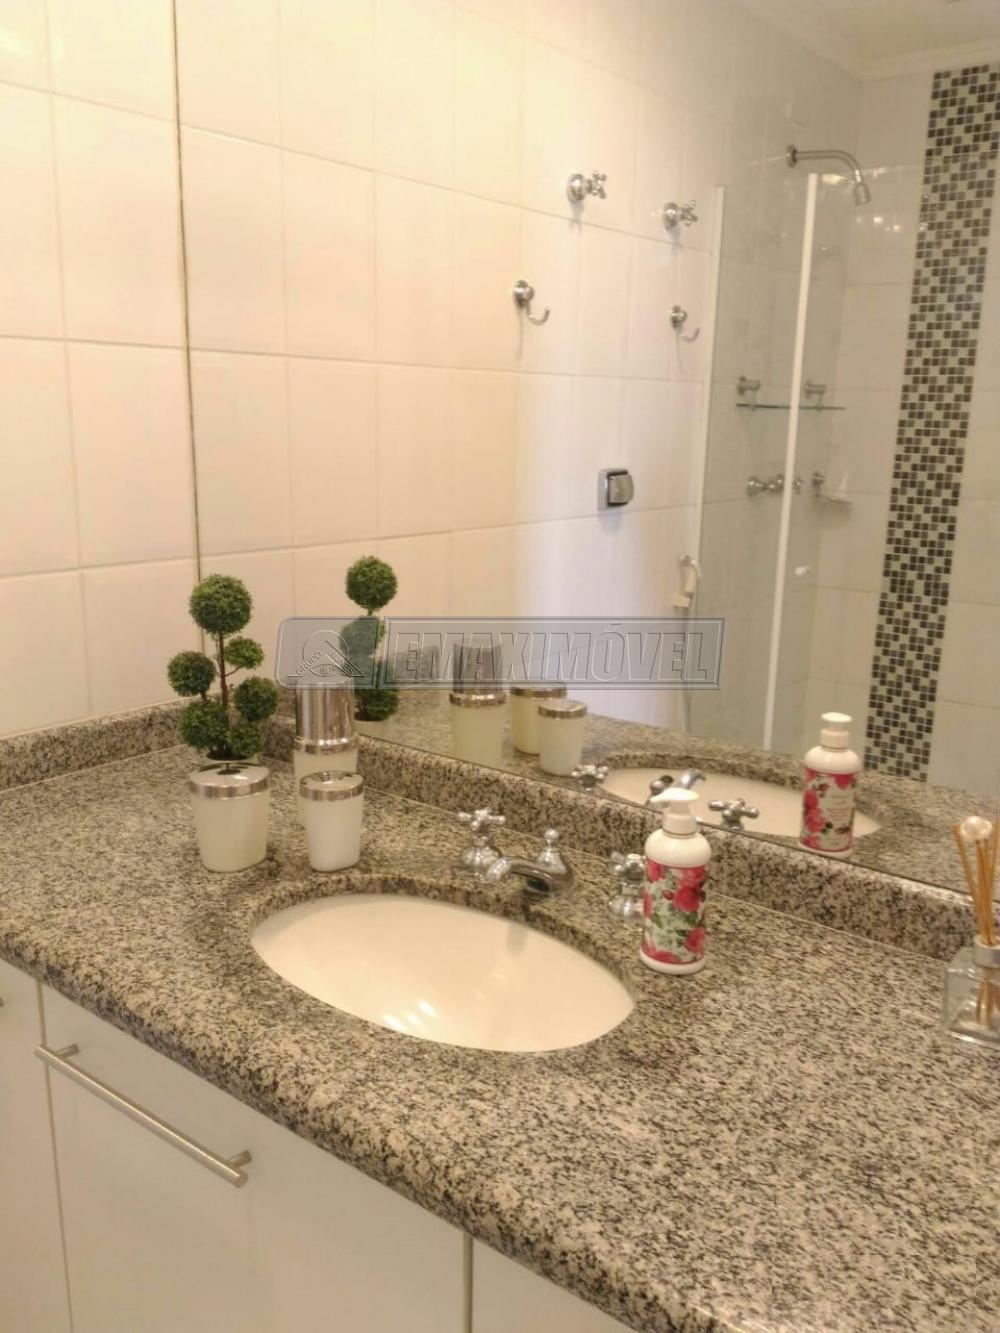 Comprar Apartamentos / Apto Padrão em Sorocaba apenas R$ 560.000,00 - Foto 24